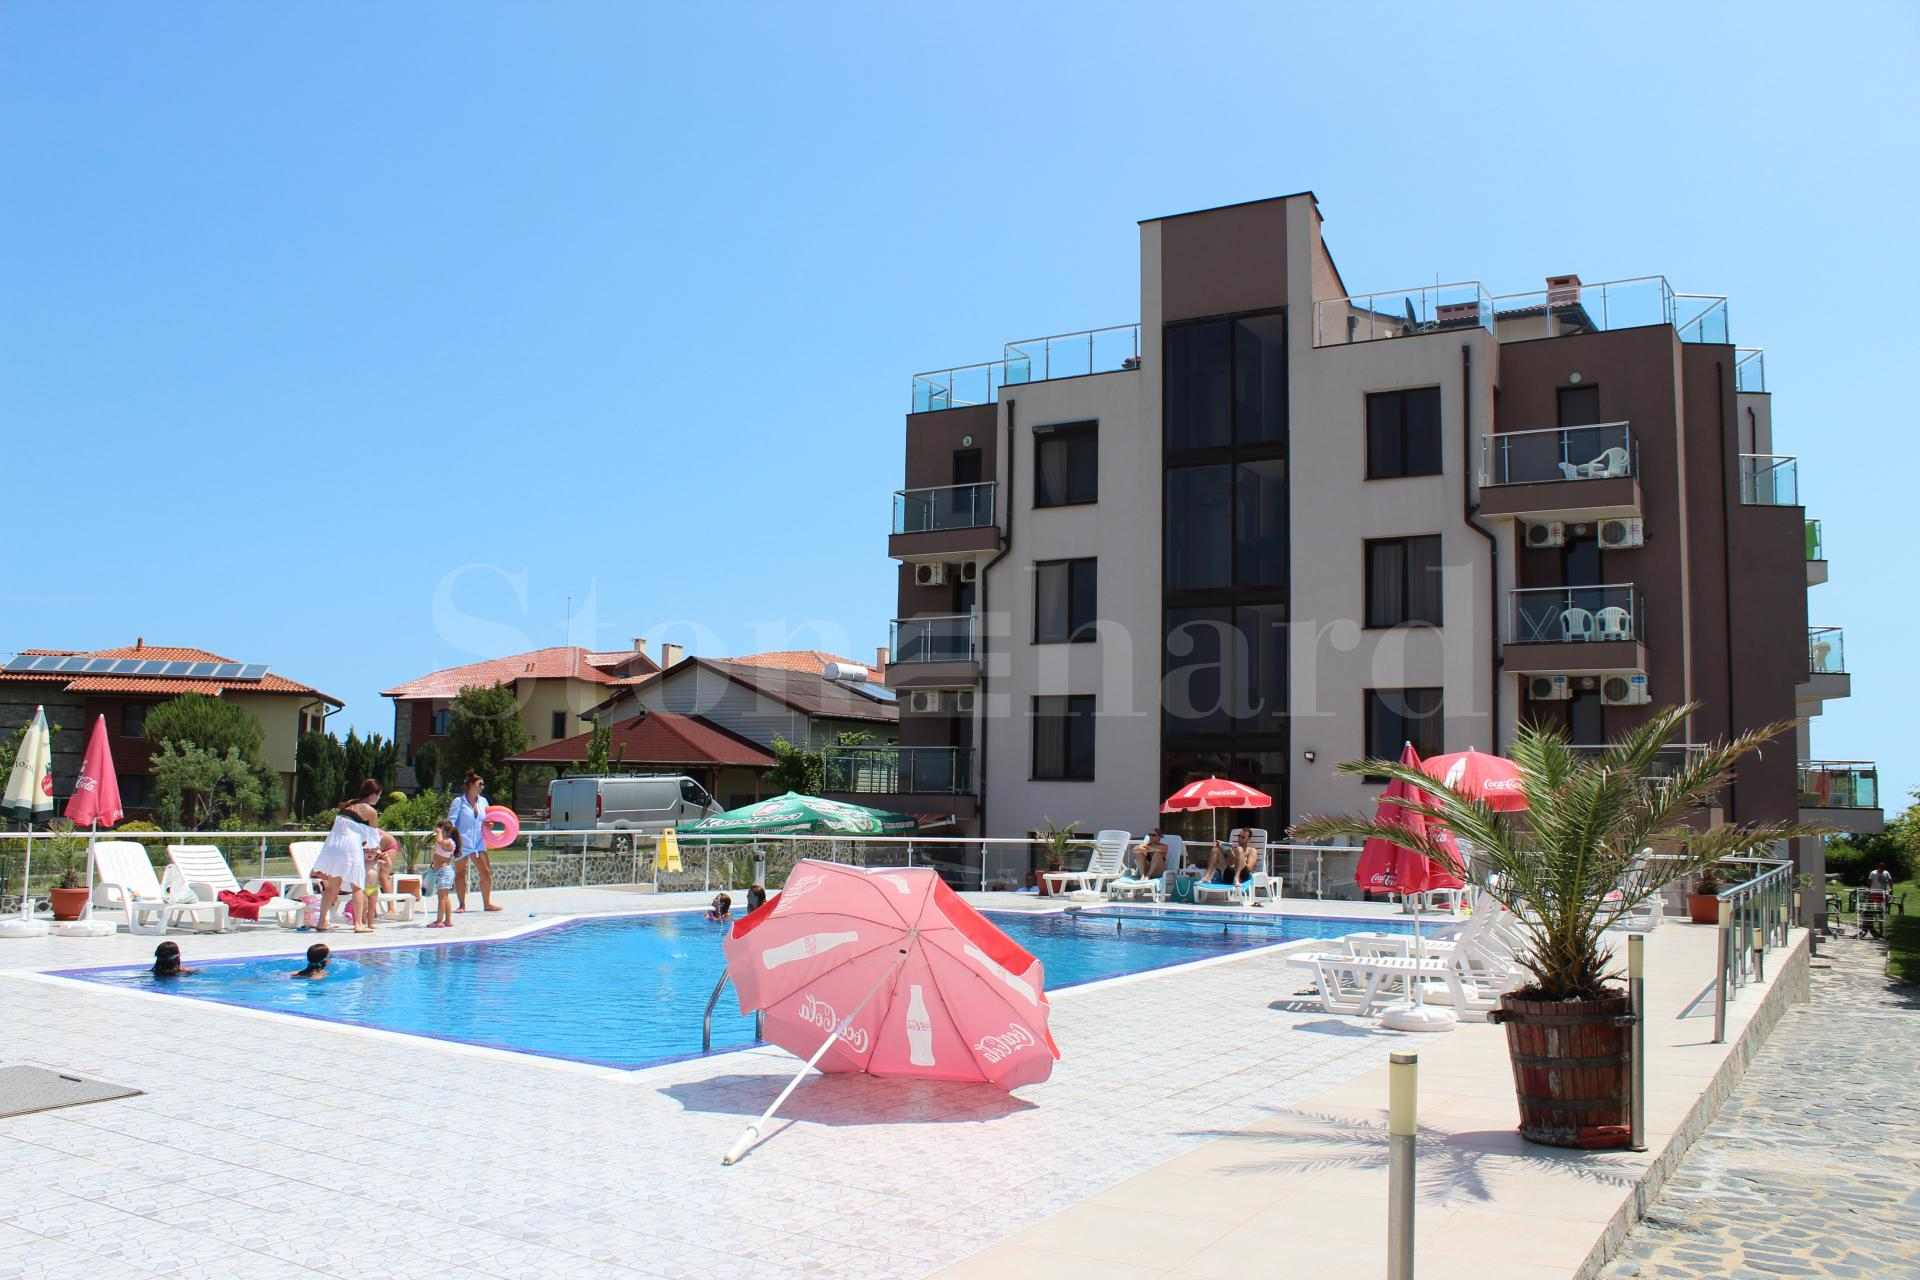 Нови апартаменти на брега на морето в Синеморец2 - Stonehard